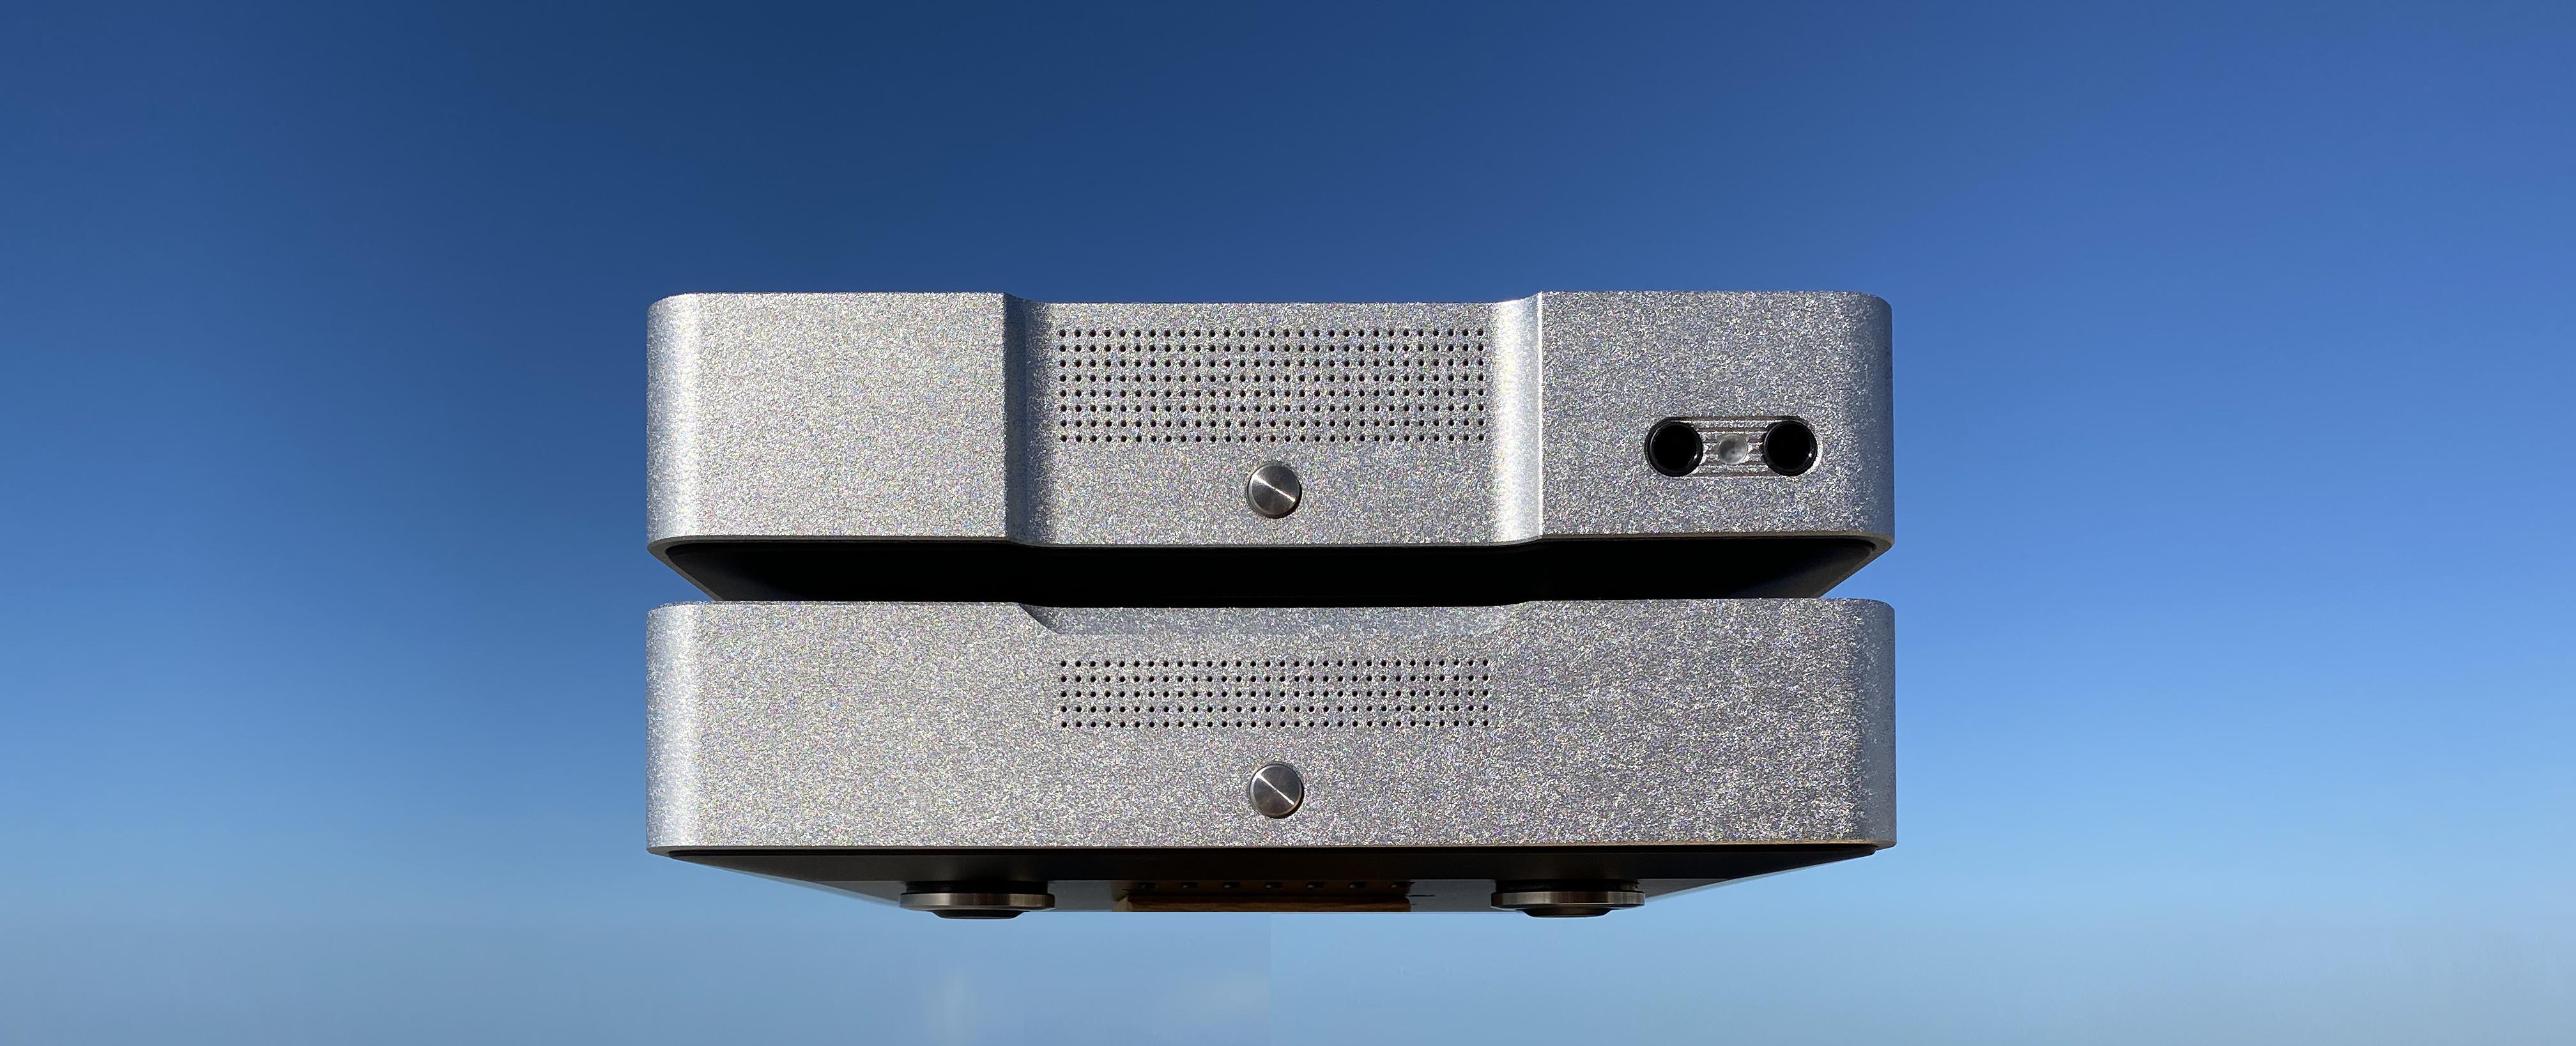 DiDiT DAC212SEII in alto e DiDiT AMP212 in basso